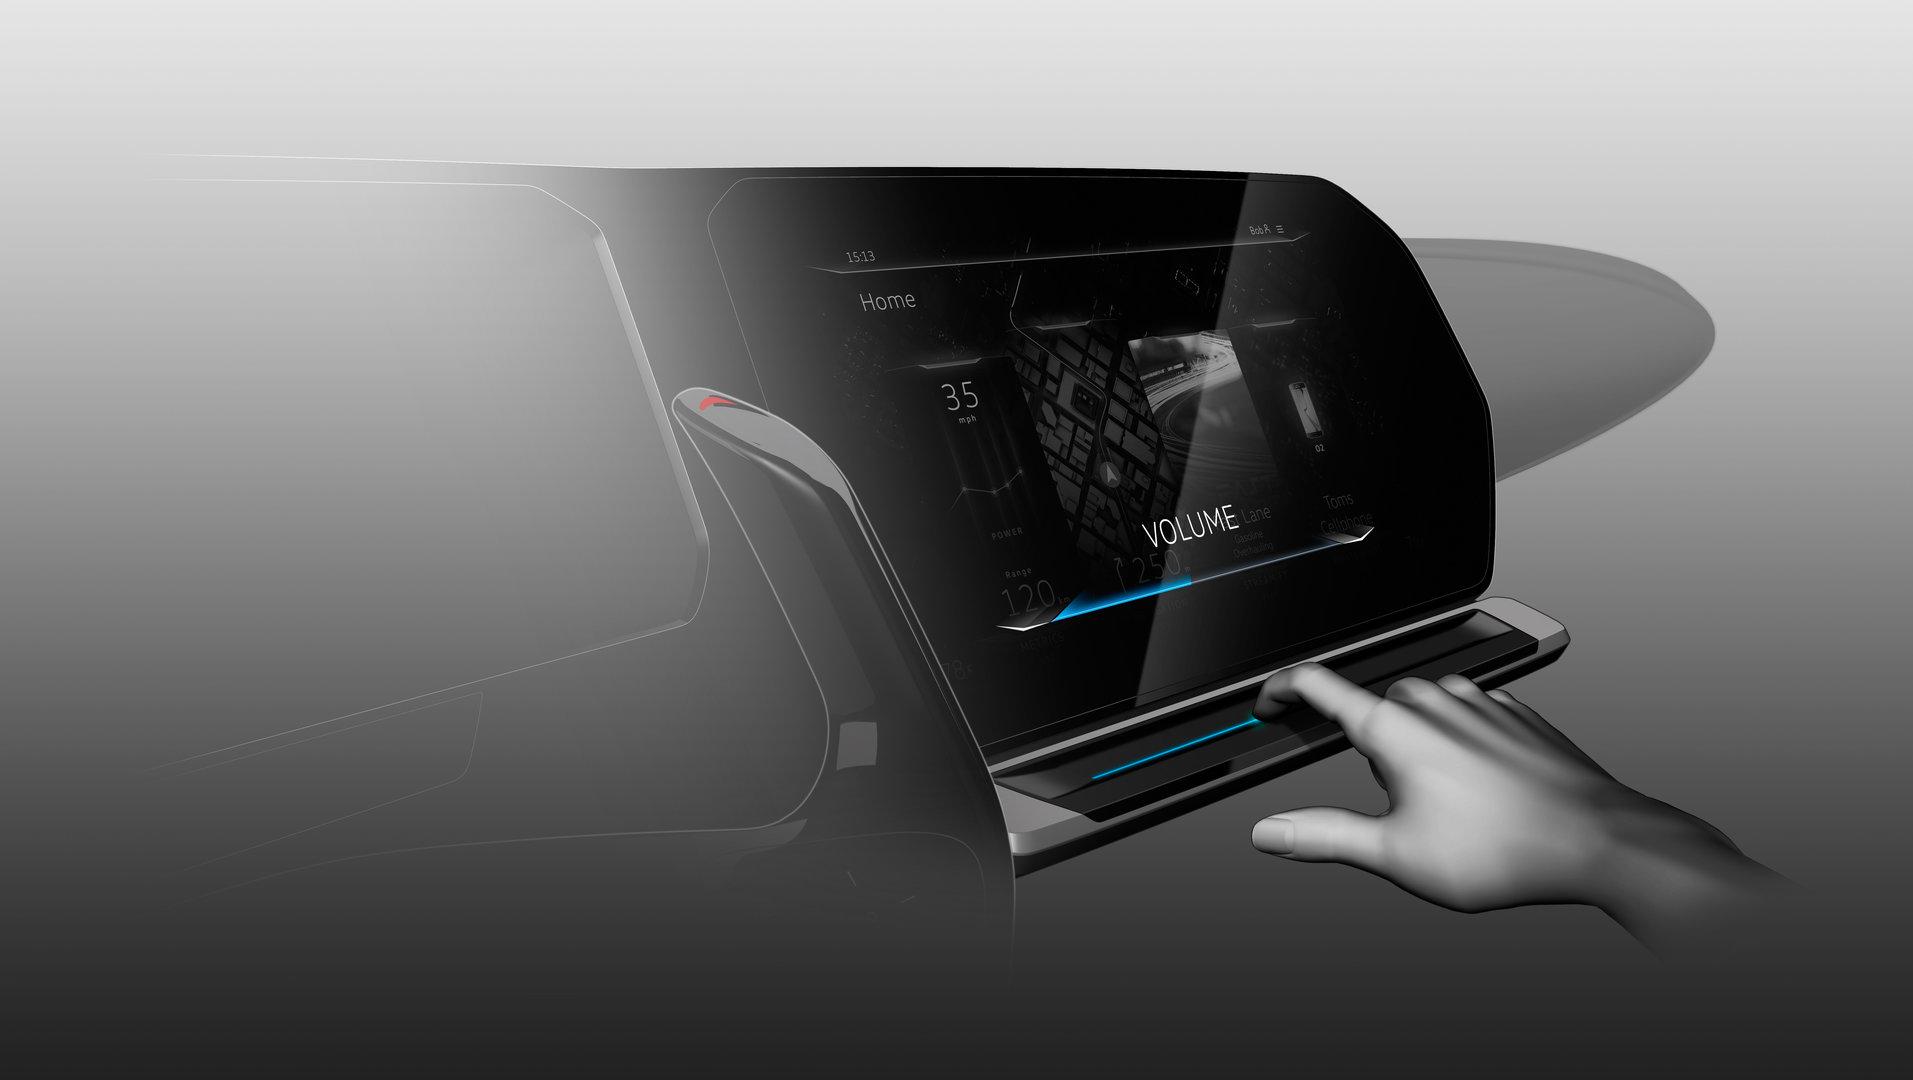 Touchslider-Bedienung mit Farben und haptischem Feedback